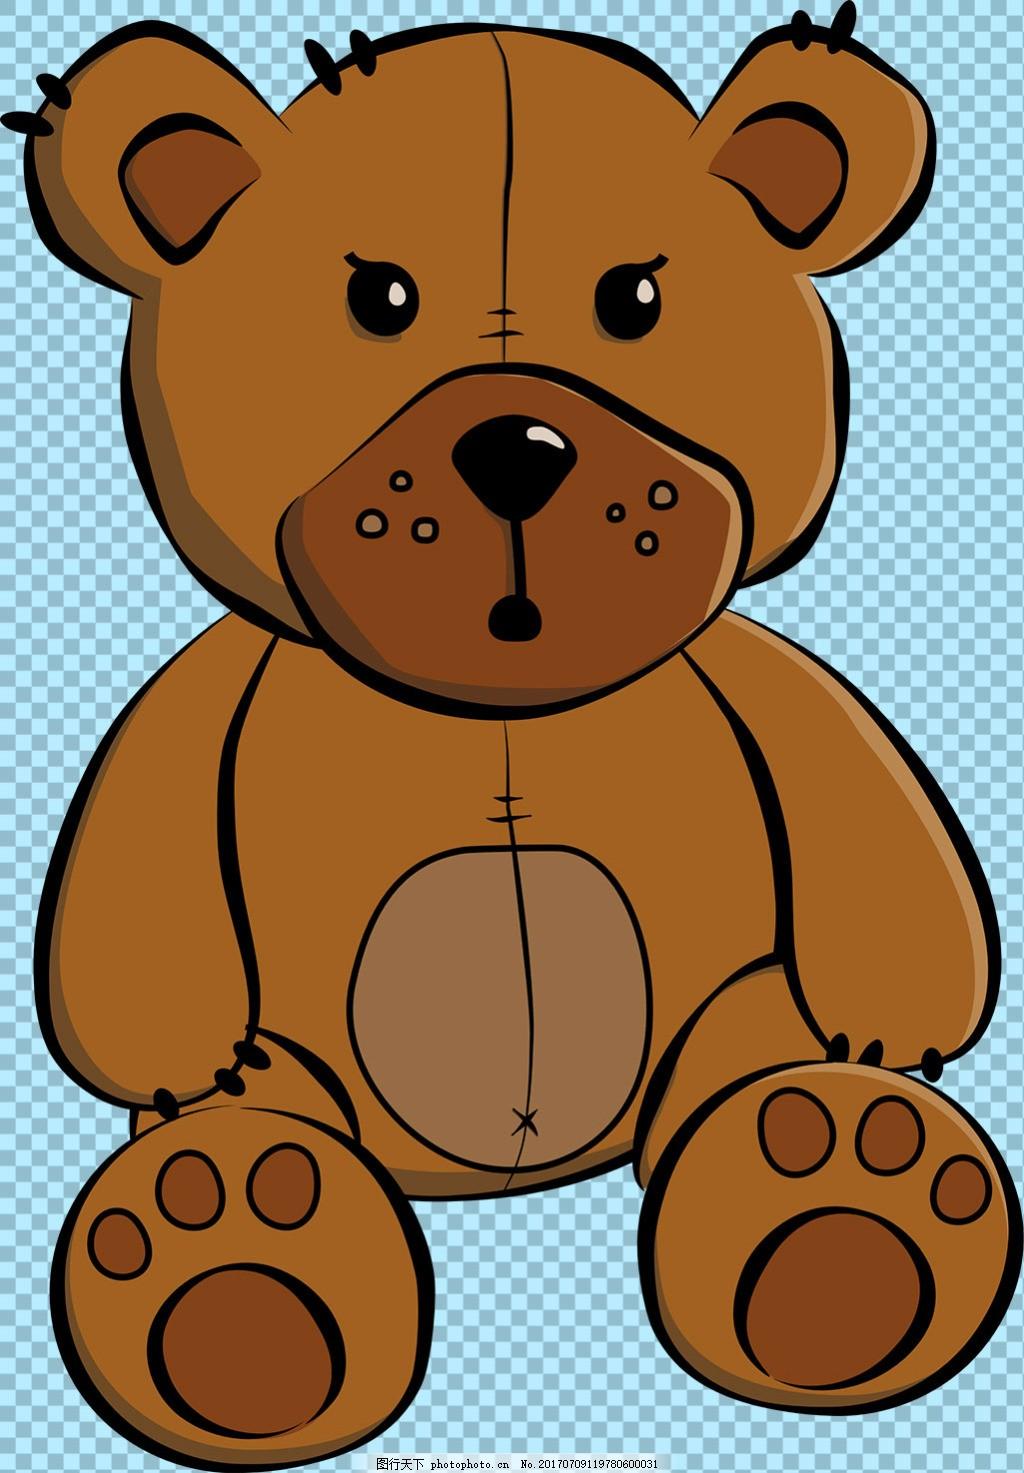 手绘棕色卡通熊图片免抠png透明图层素材